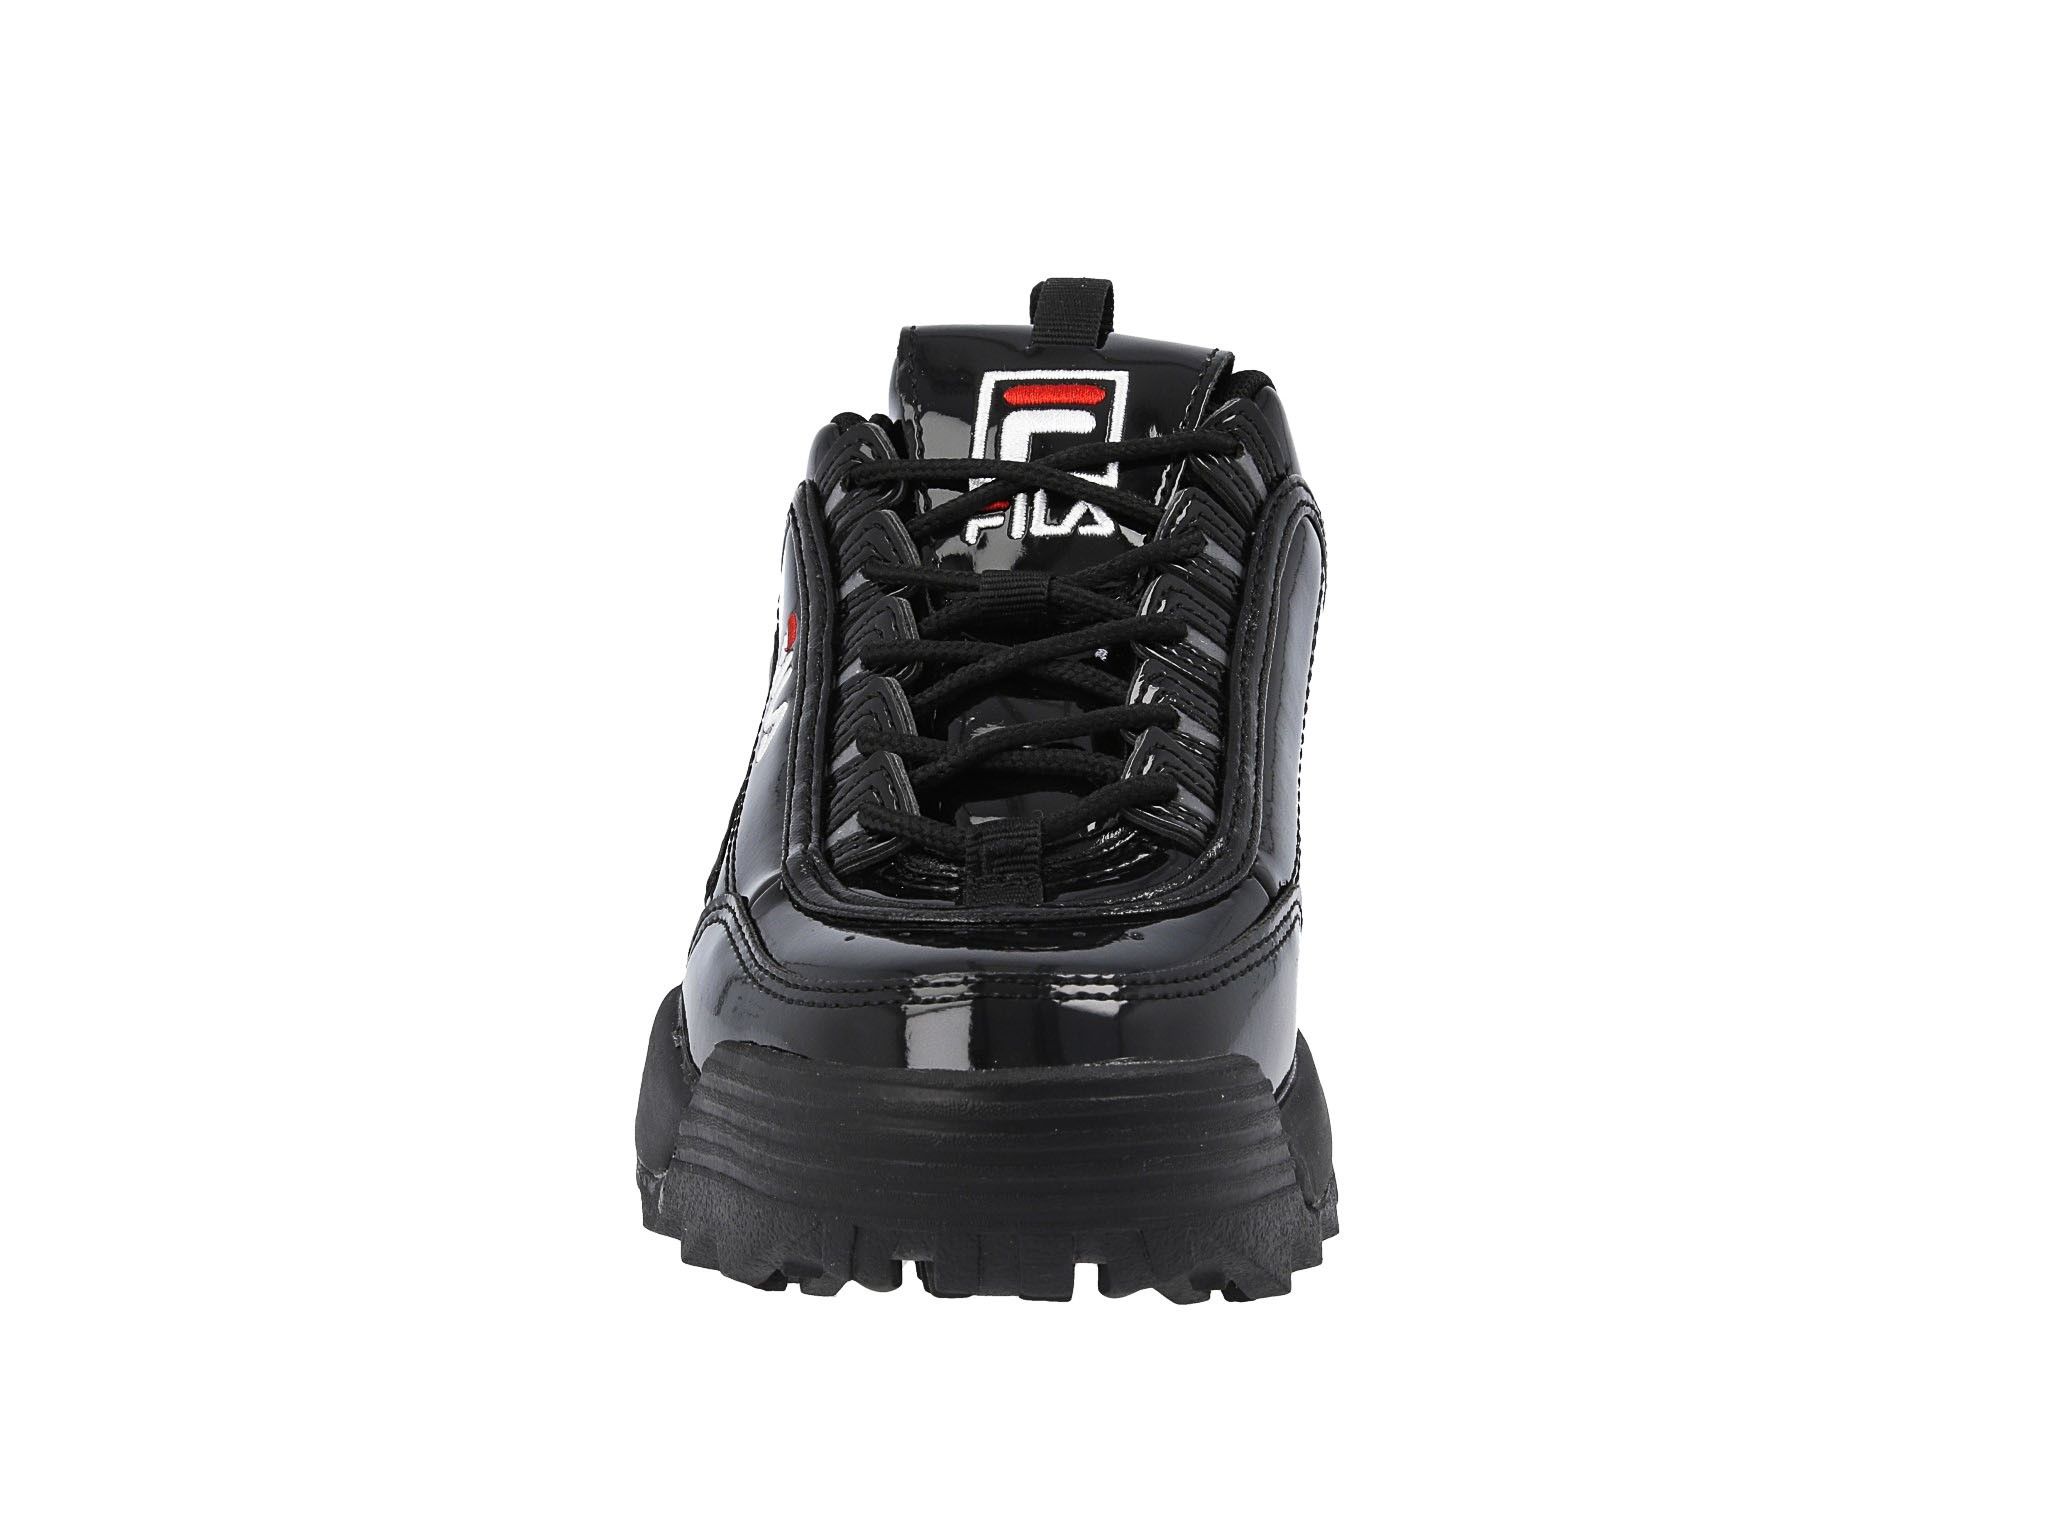 Acheter à prix avantageux Fila New boot garçons en noir de